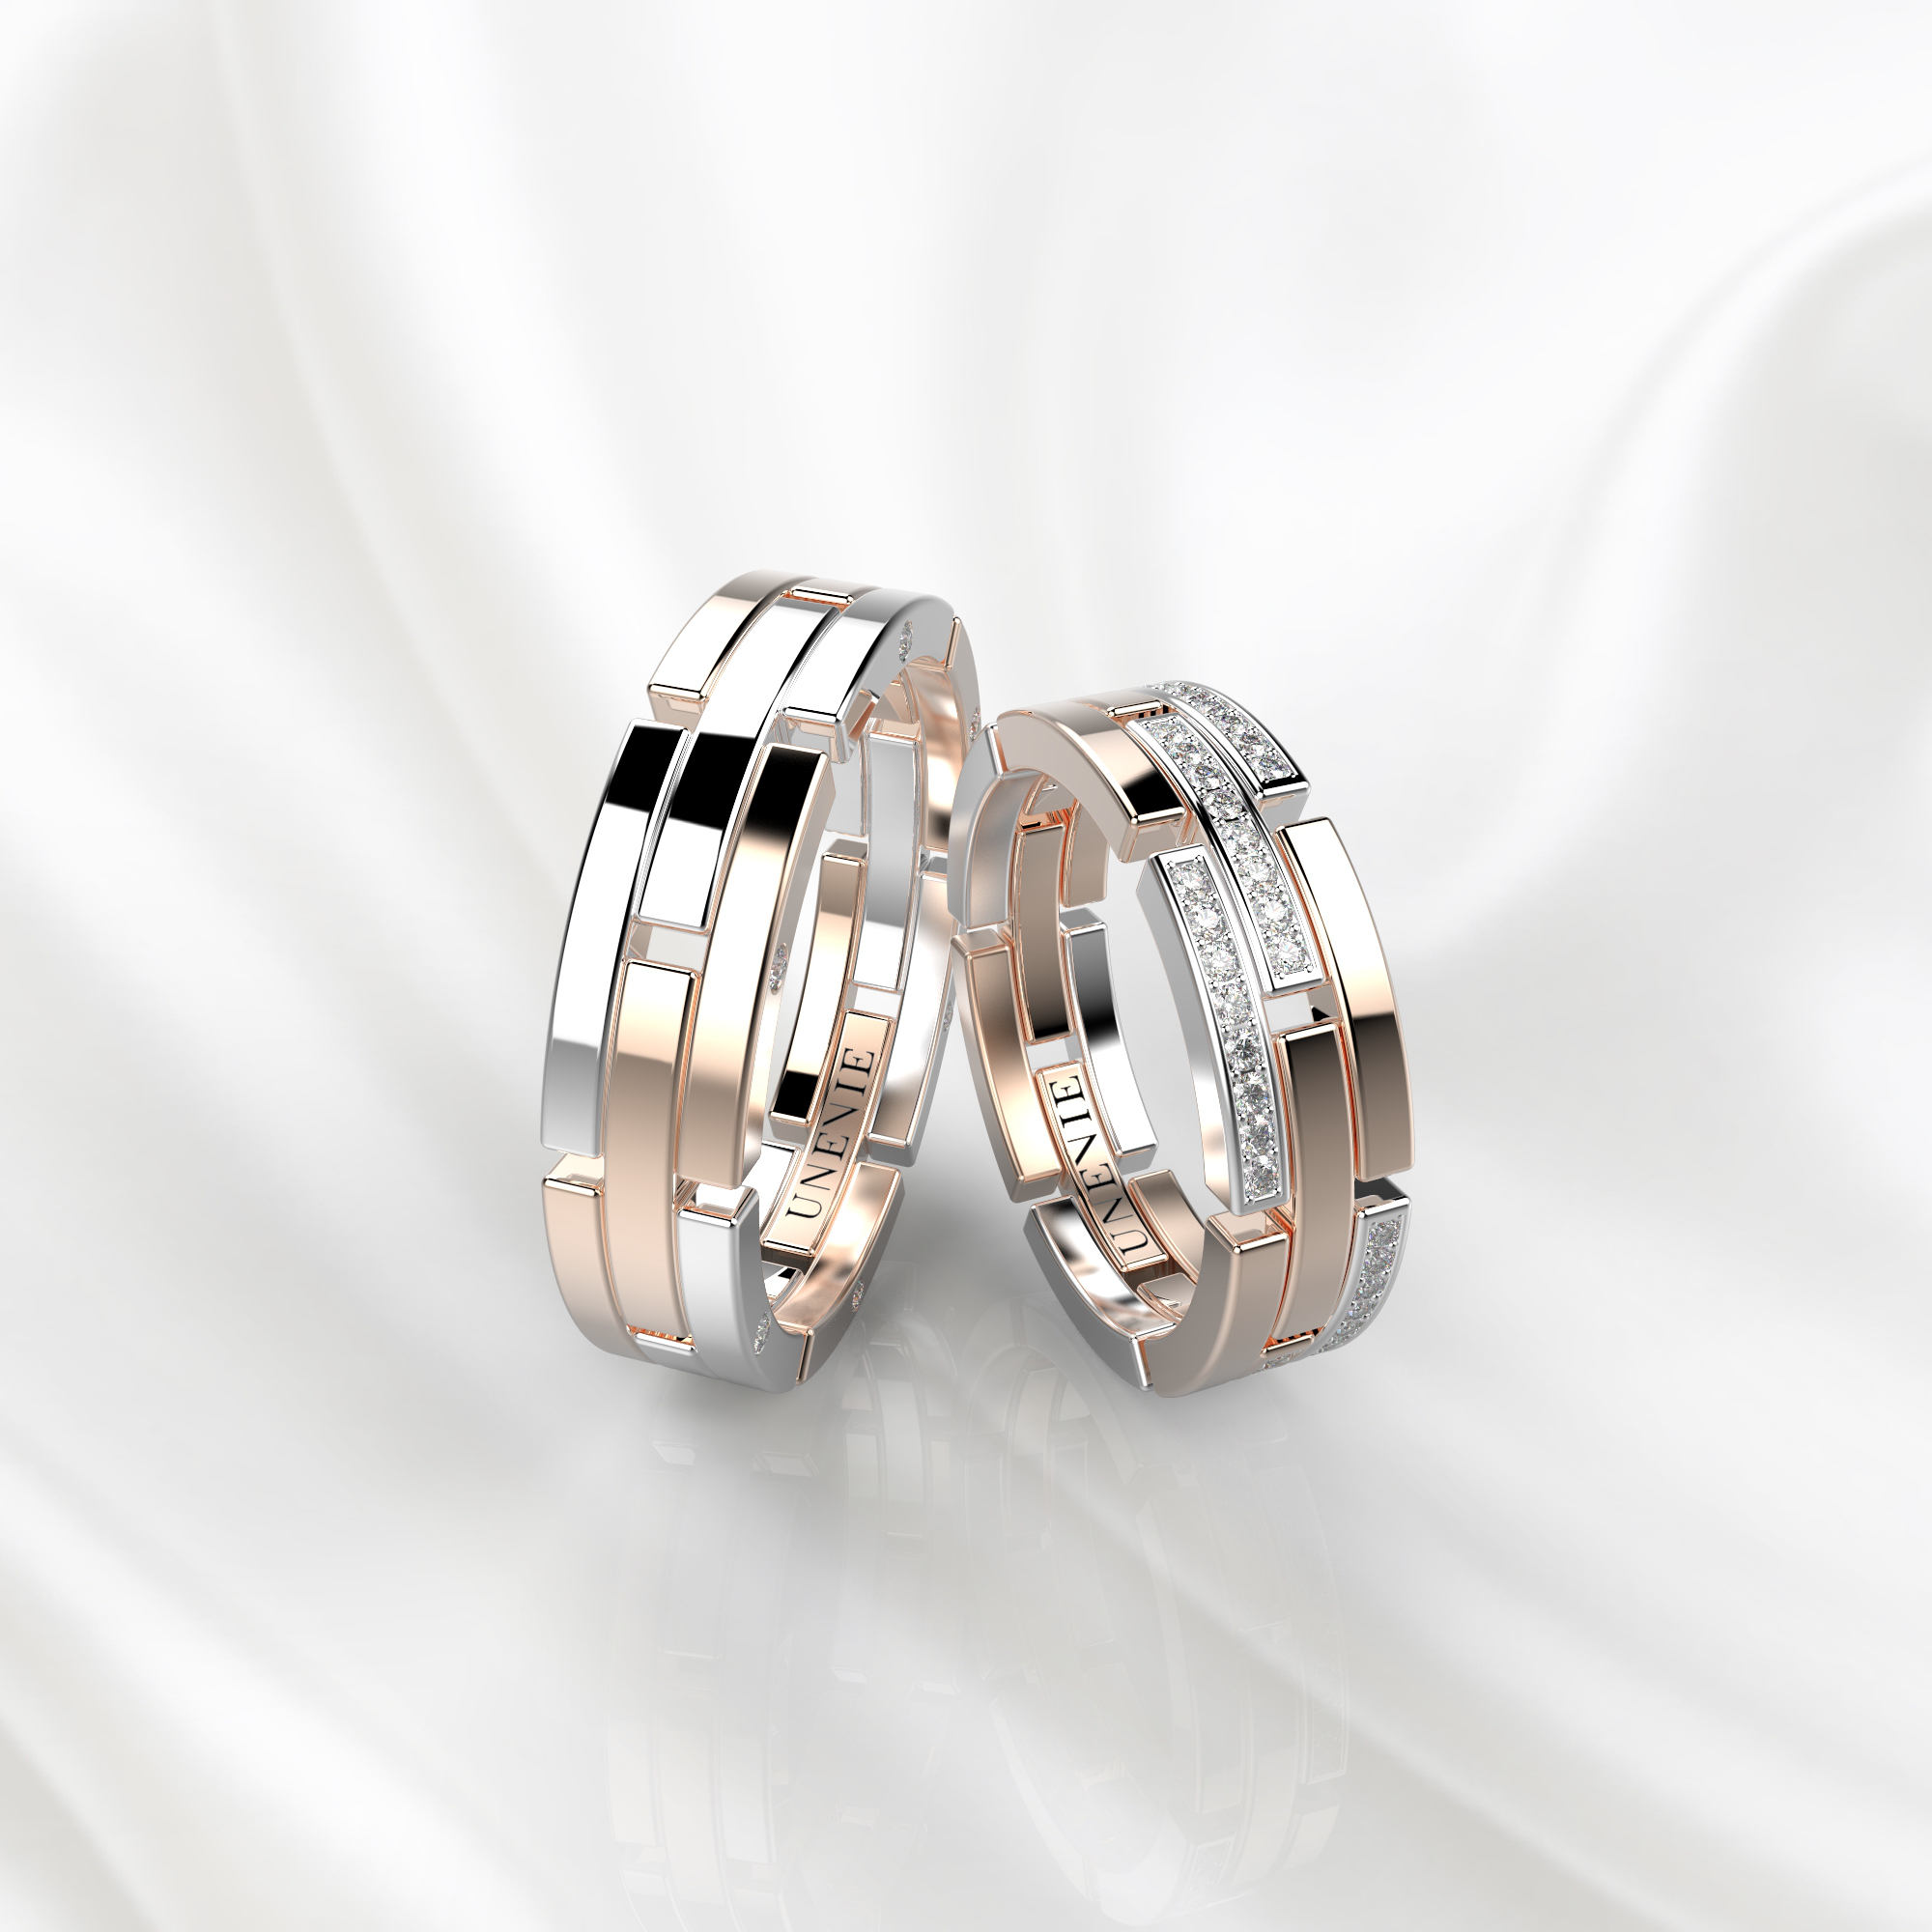 NV42 Обручальные кольца из розово-белого золота с бриллиантами